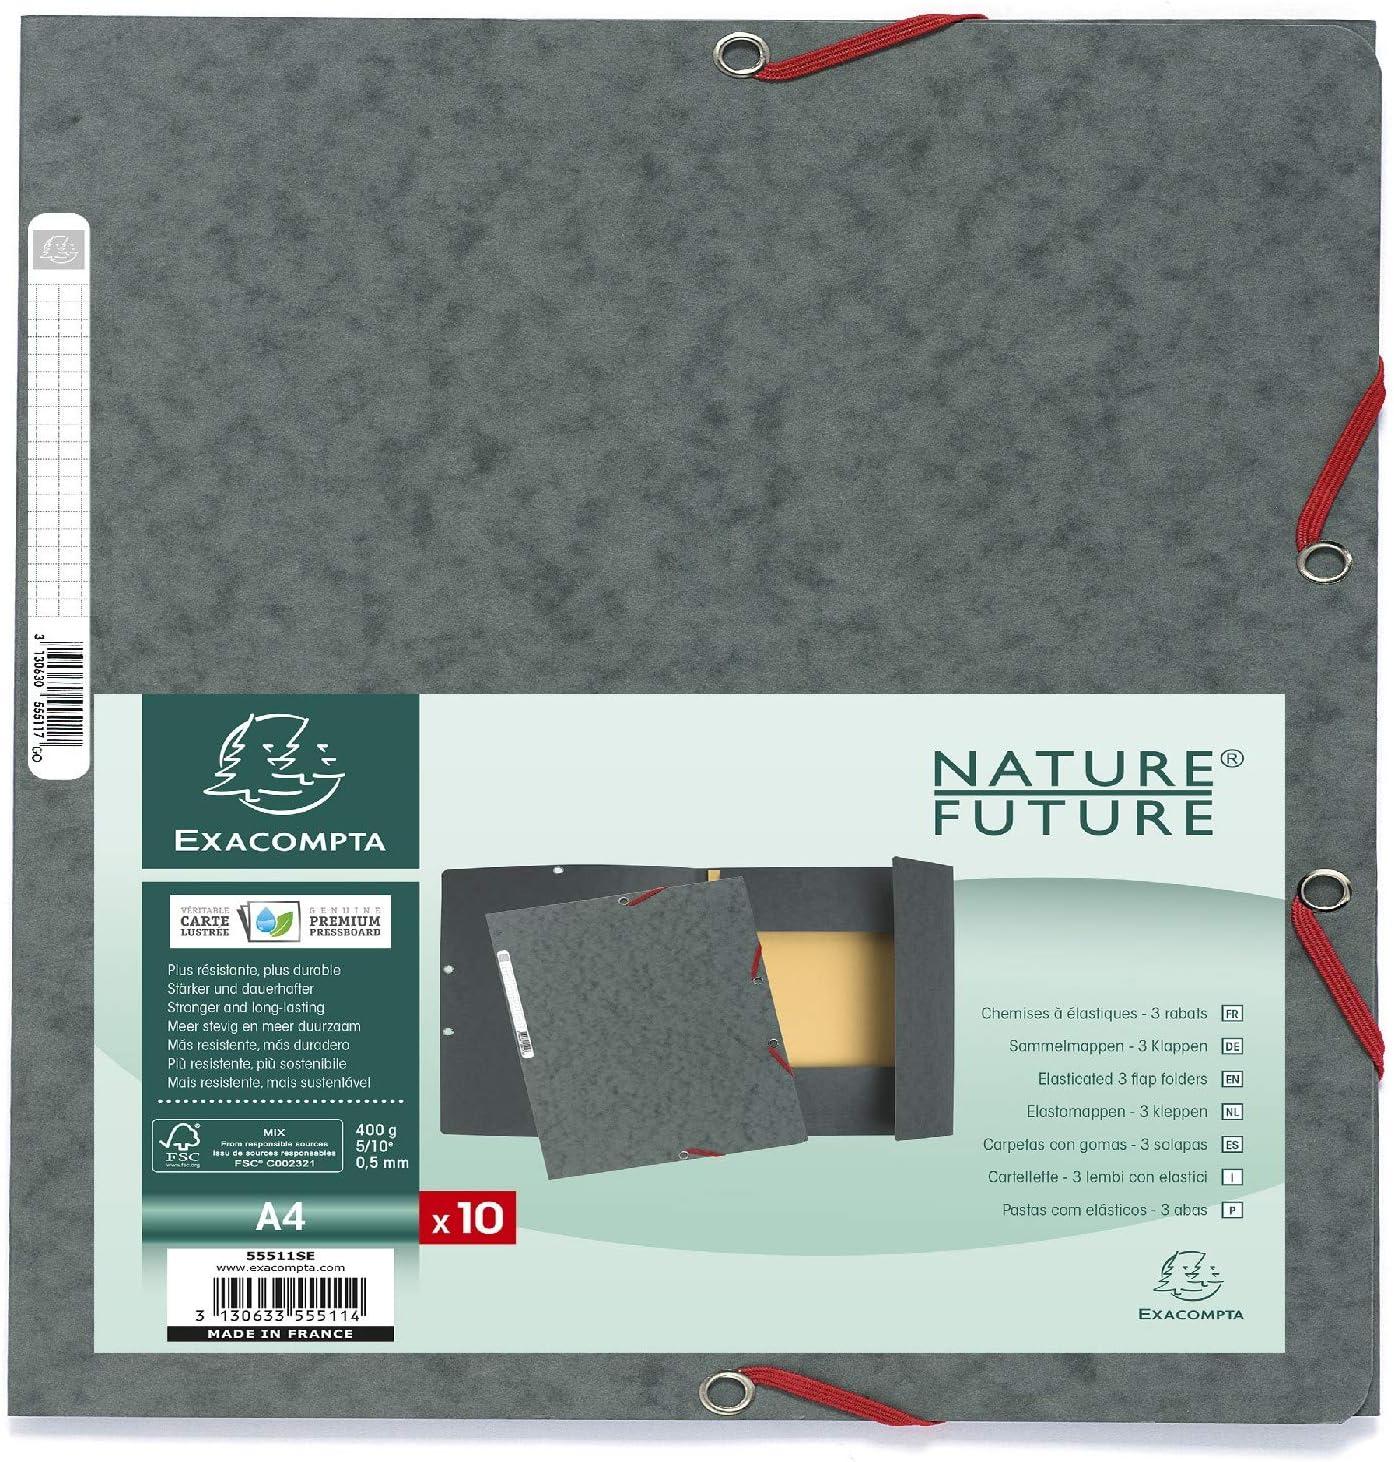 Exacompta 55511SE - Pack de 10 carpetas con gomas y 3 solapas, A4 ...